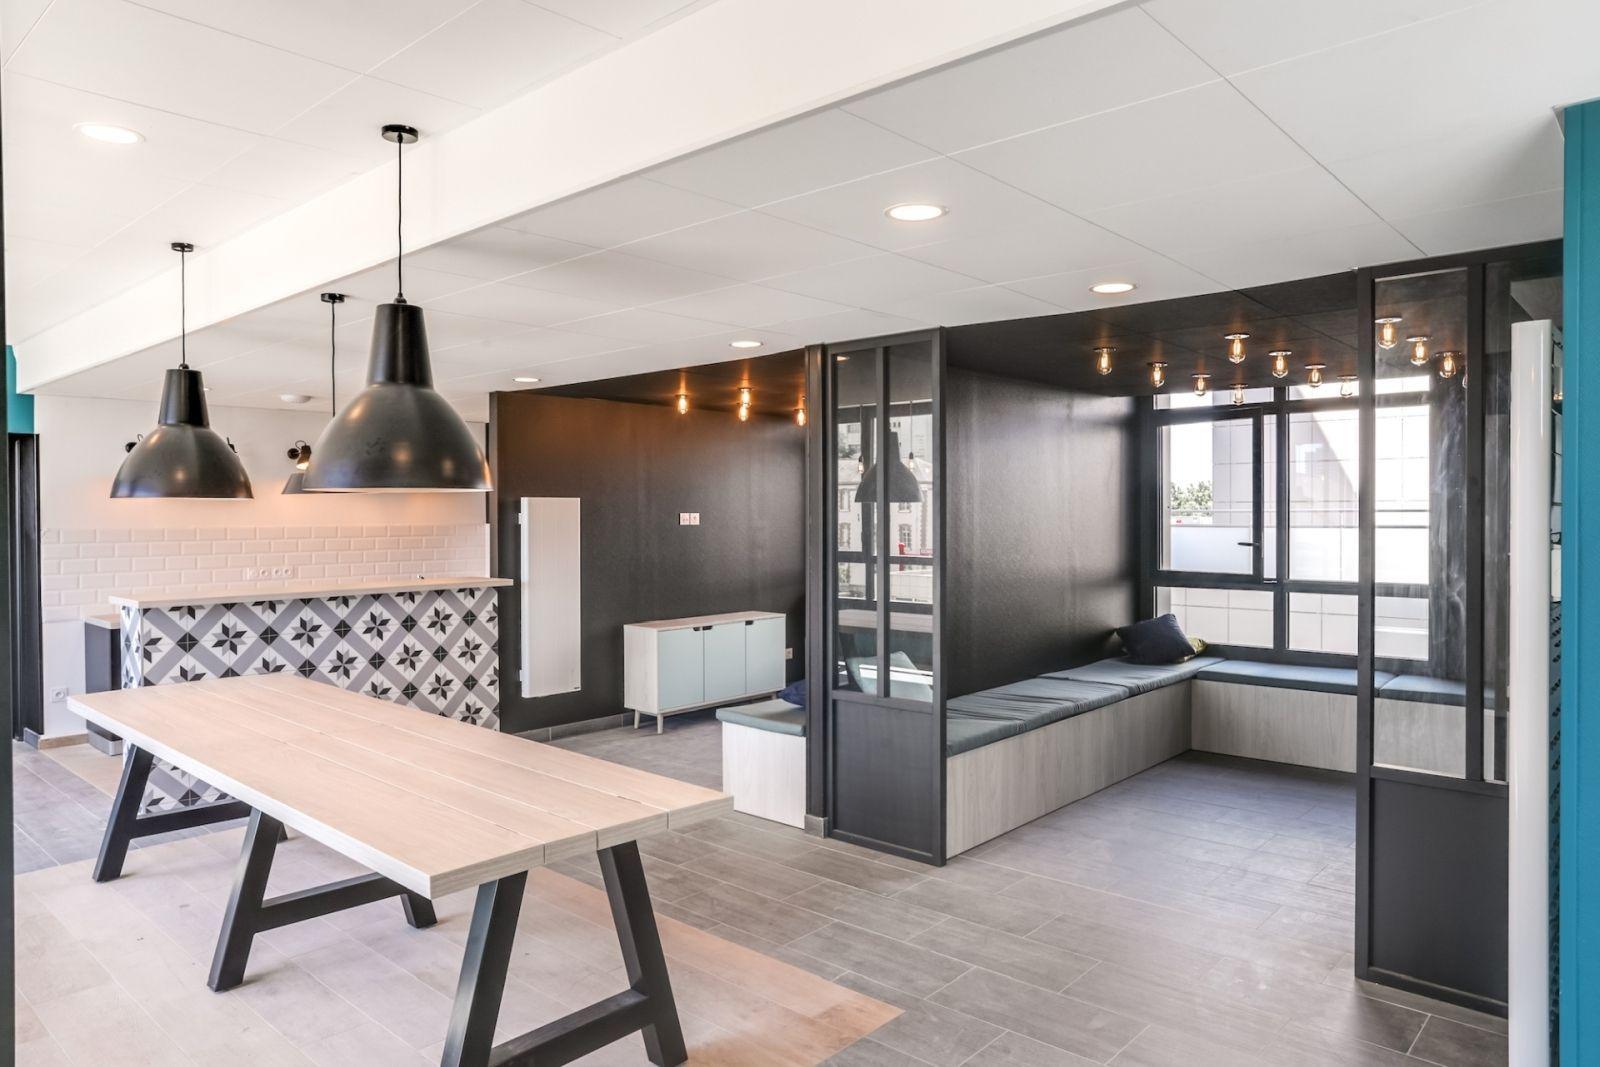 Meuble Sur Mesure Bordeaux cuisine thÉrapeutique ehpad bordeaux - mobilier maison de